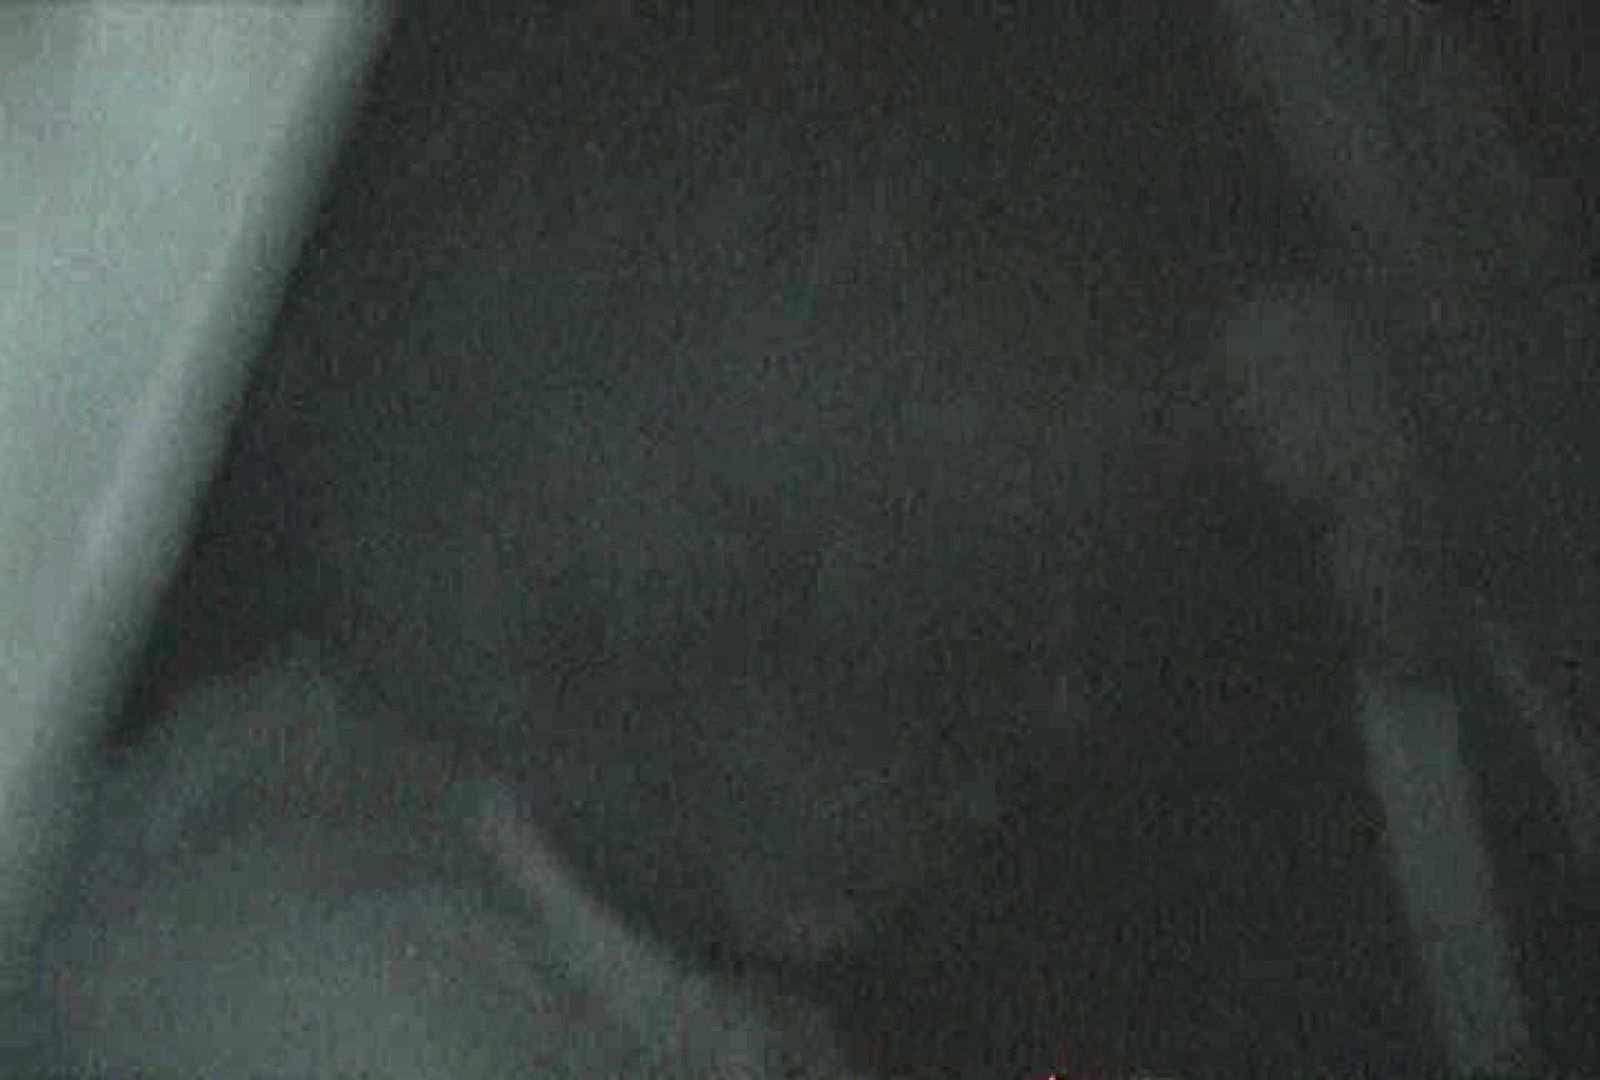 充血監督の深夜の運動会Vol.90 エロすぎオナニー | ギャルのエロ動画  107画像 81